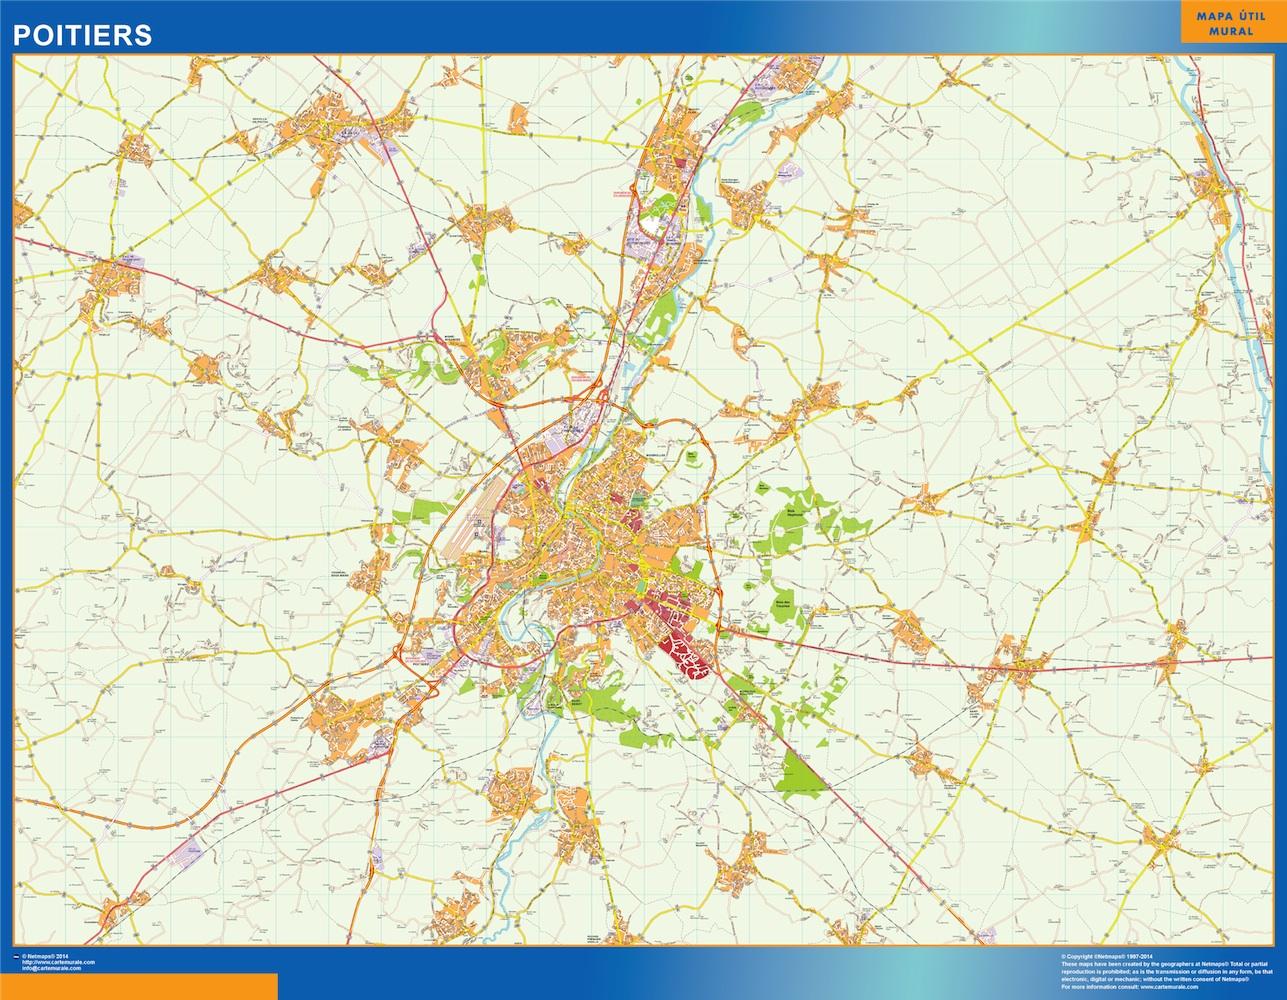 poitiers street map